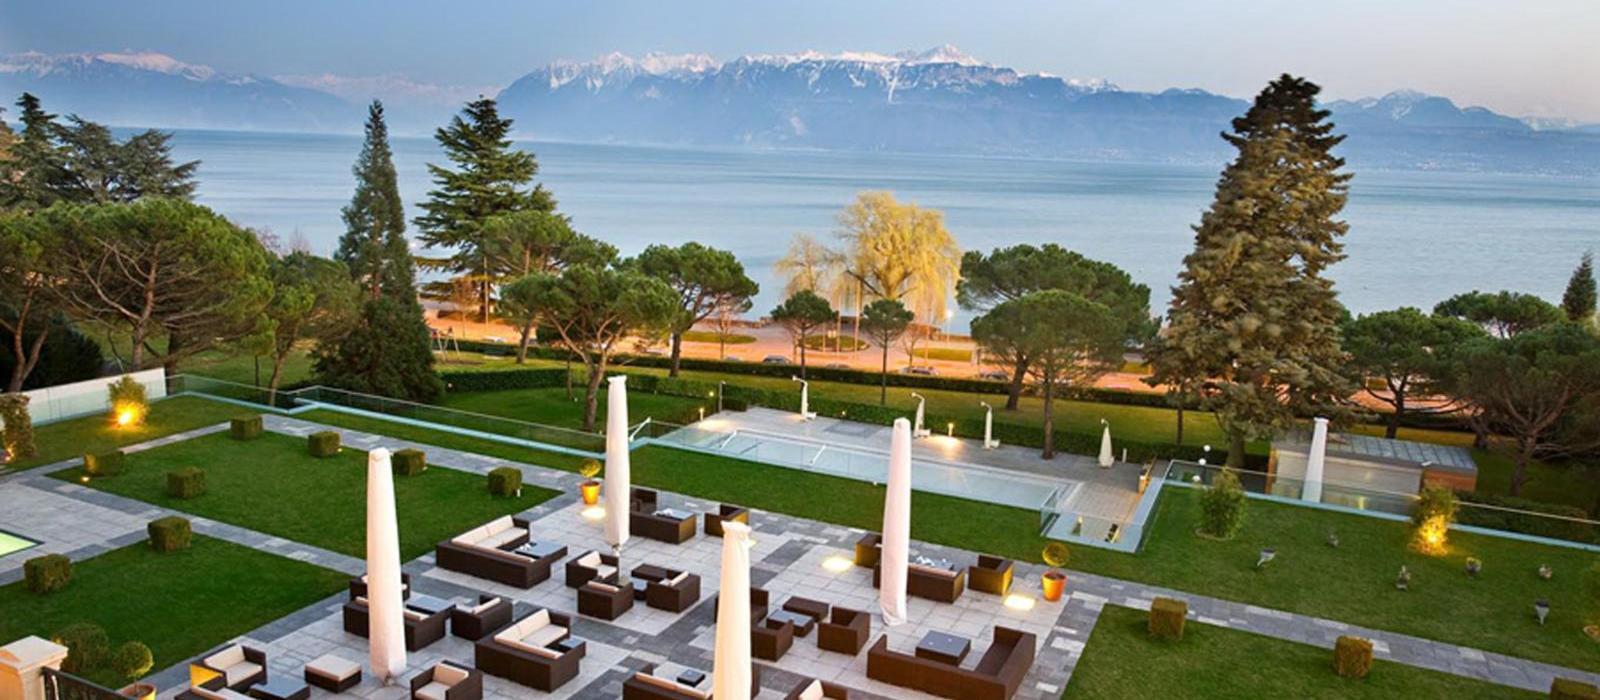 洛桑美岸皇宫大酒店(Beau-Rivage Palace Lausanne) 大堂吧图片  www.lhw.cn